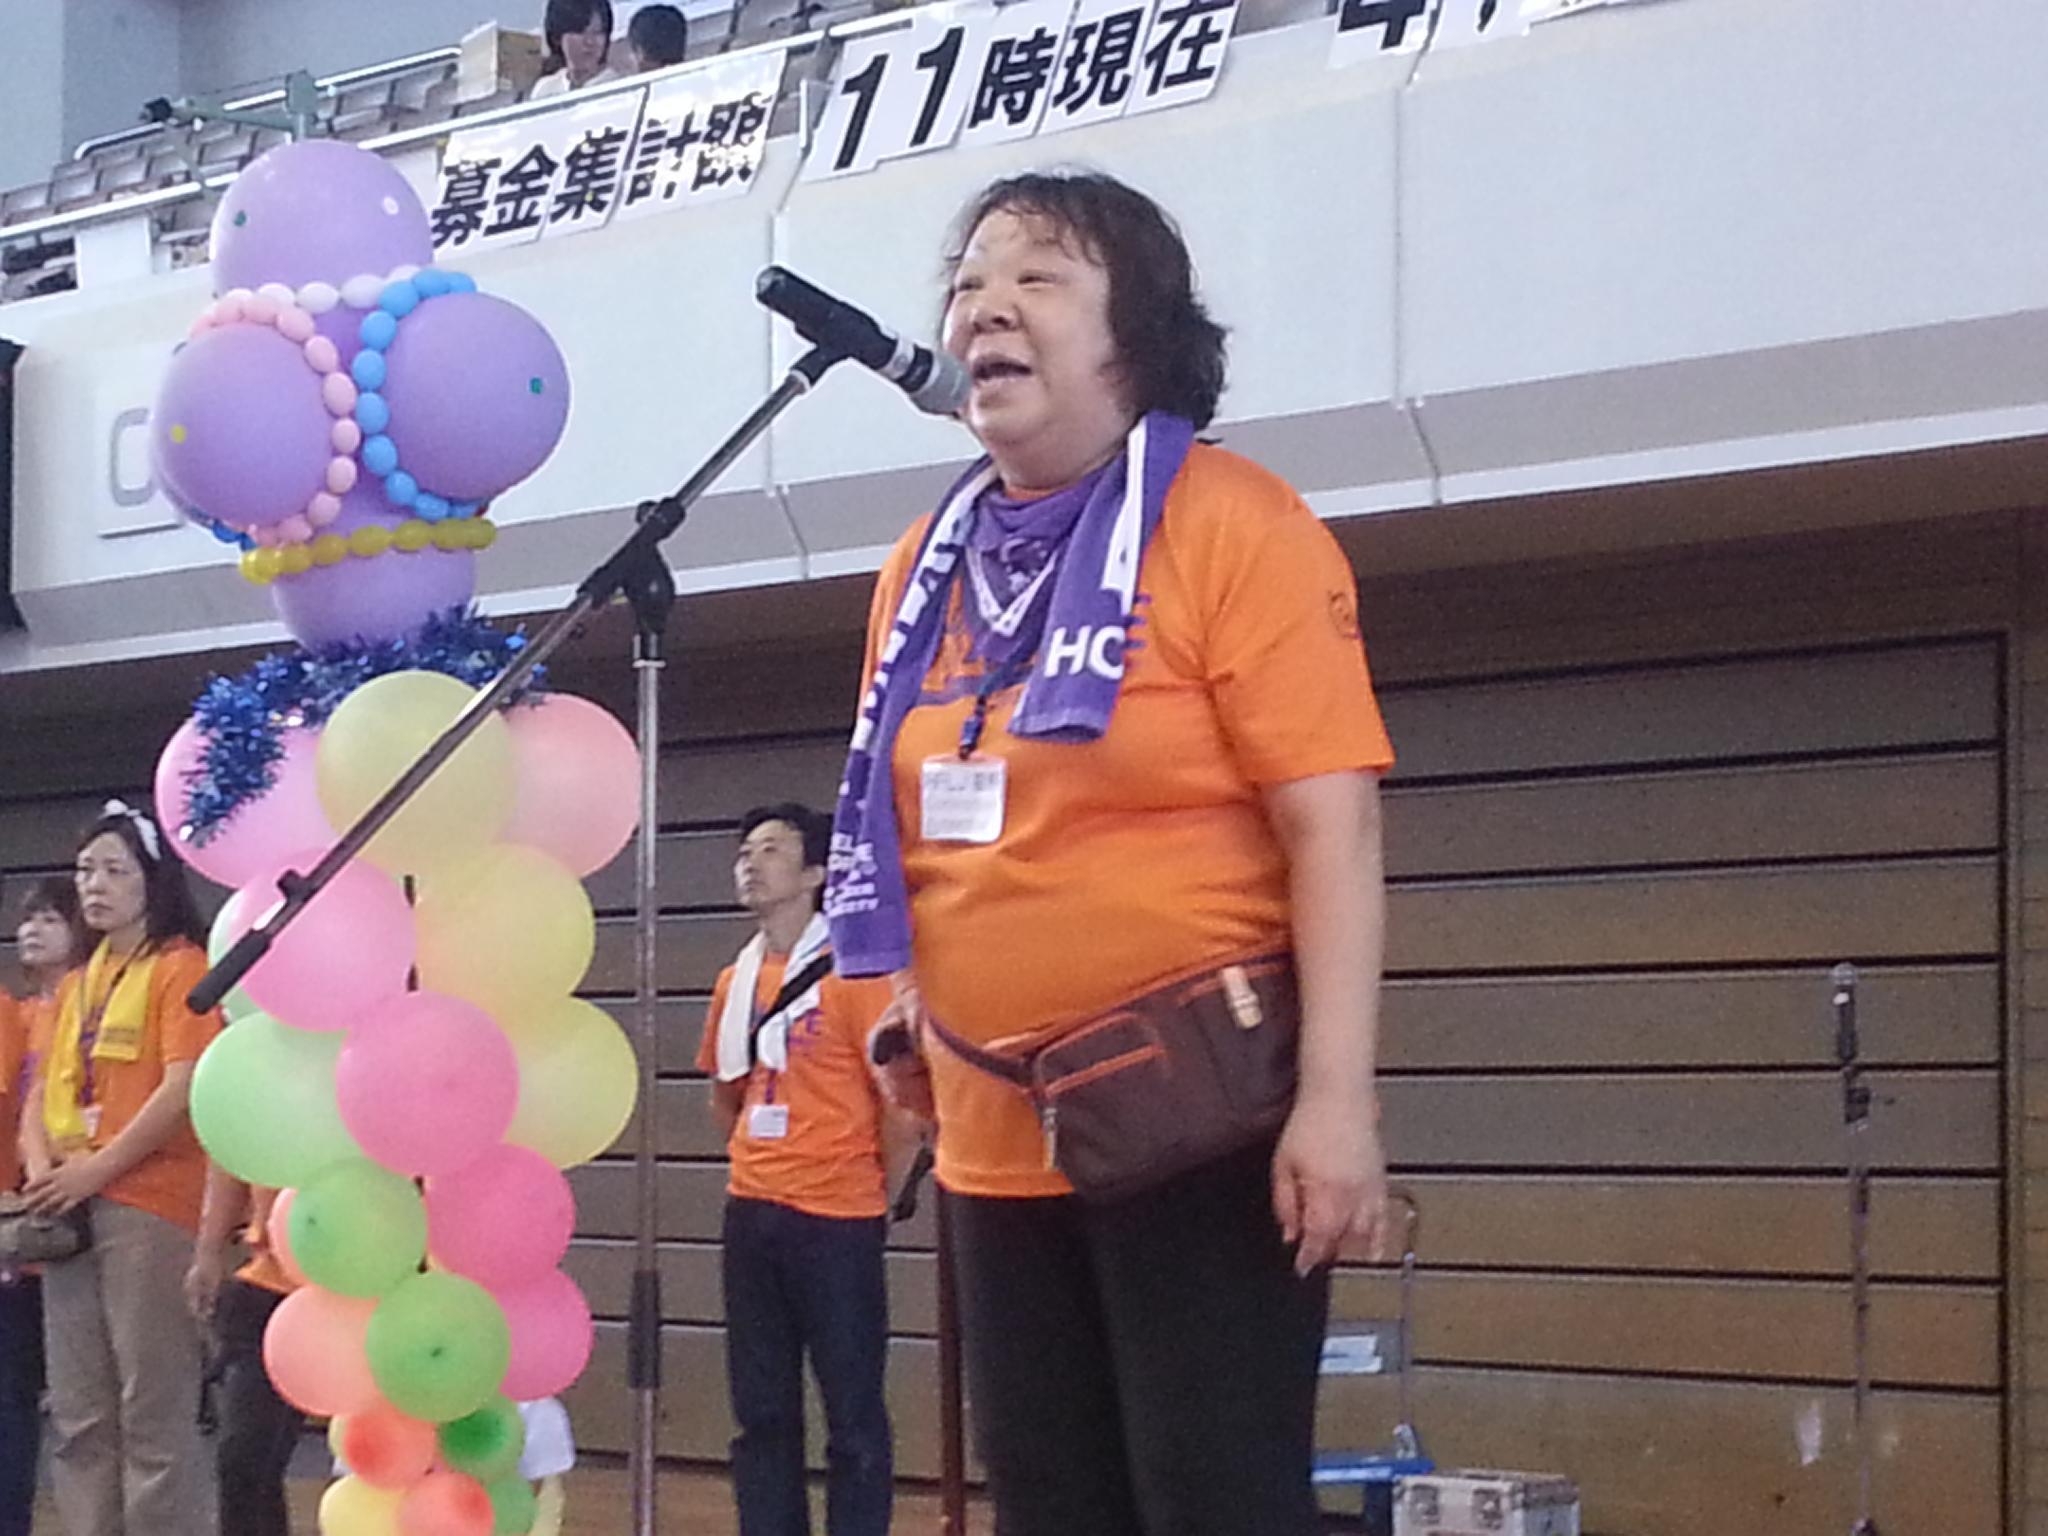 鈴木牧子実行委員長